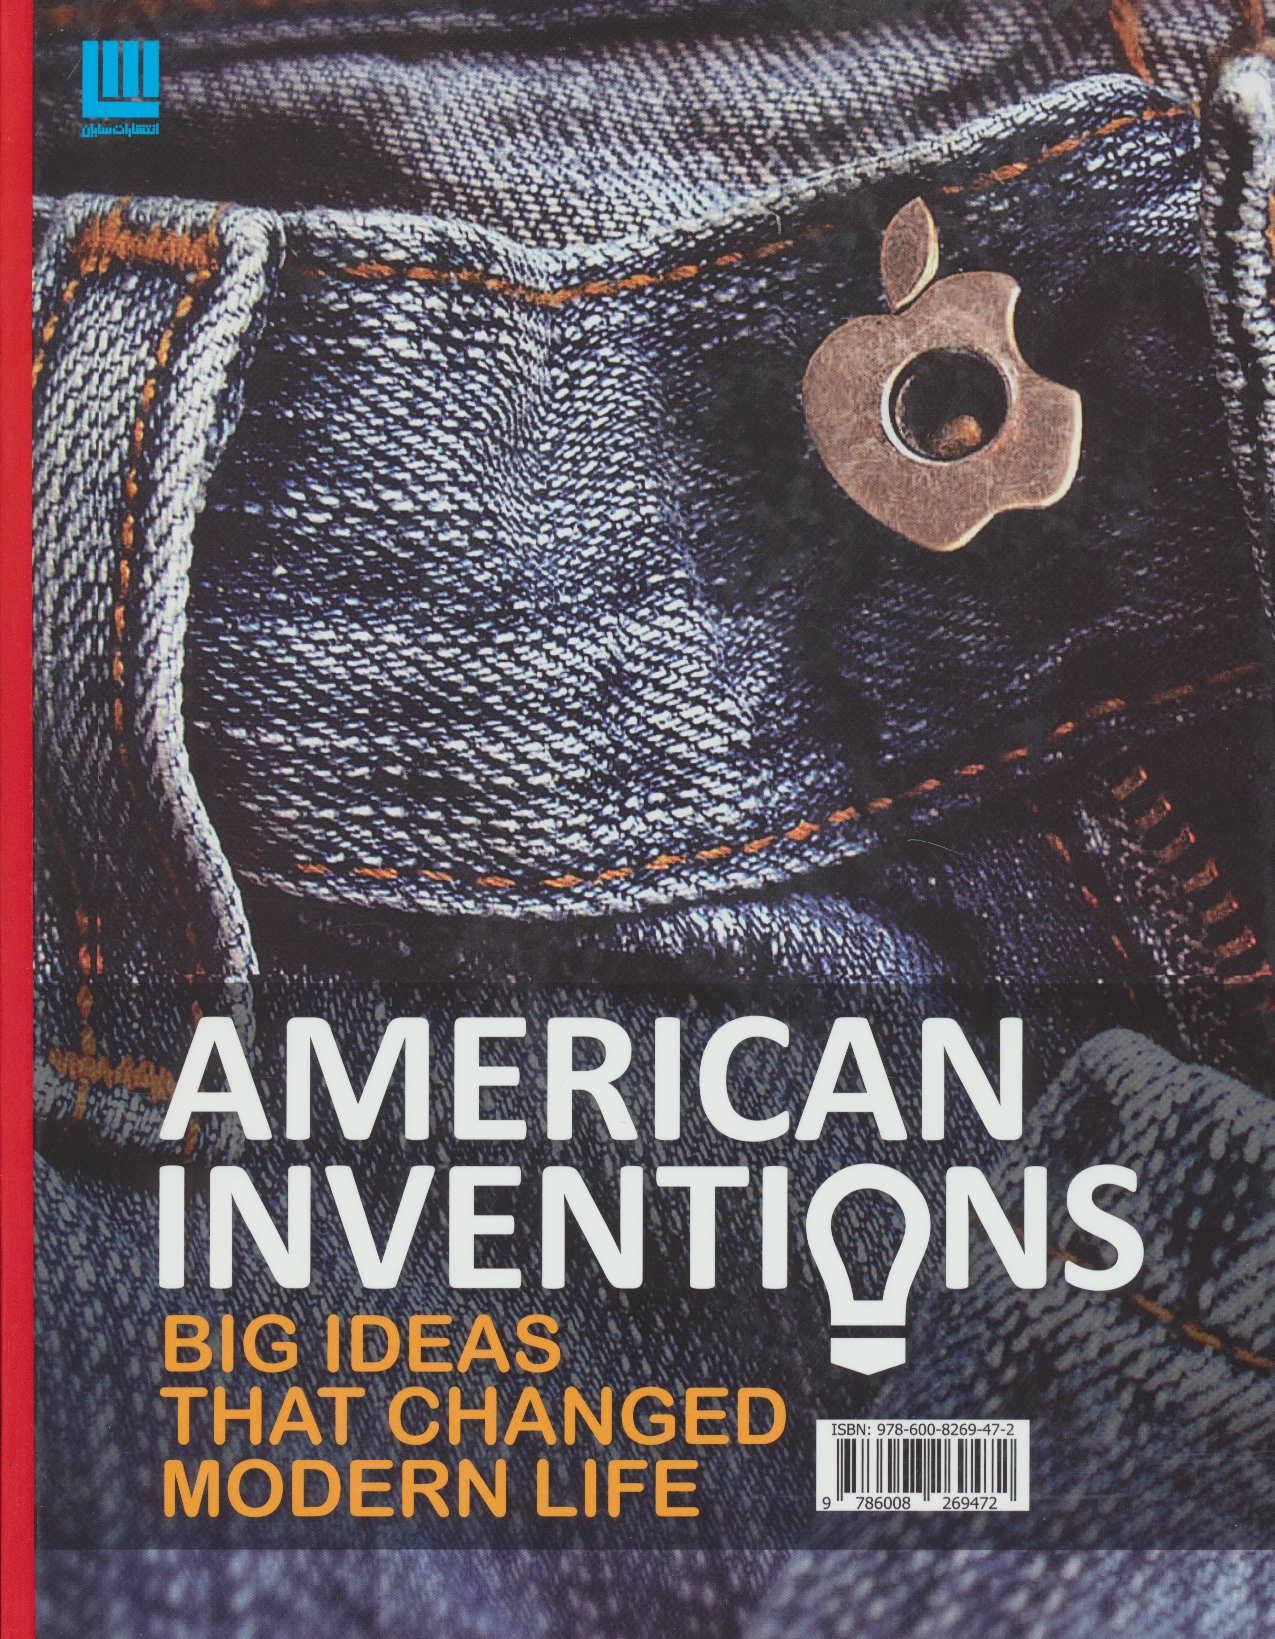 دانشنامه مصور اختراعات آمریکایی (ایده های بزرگی که دنیای مدرن را متحول کردند)،(گلاسه)